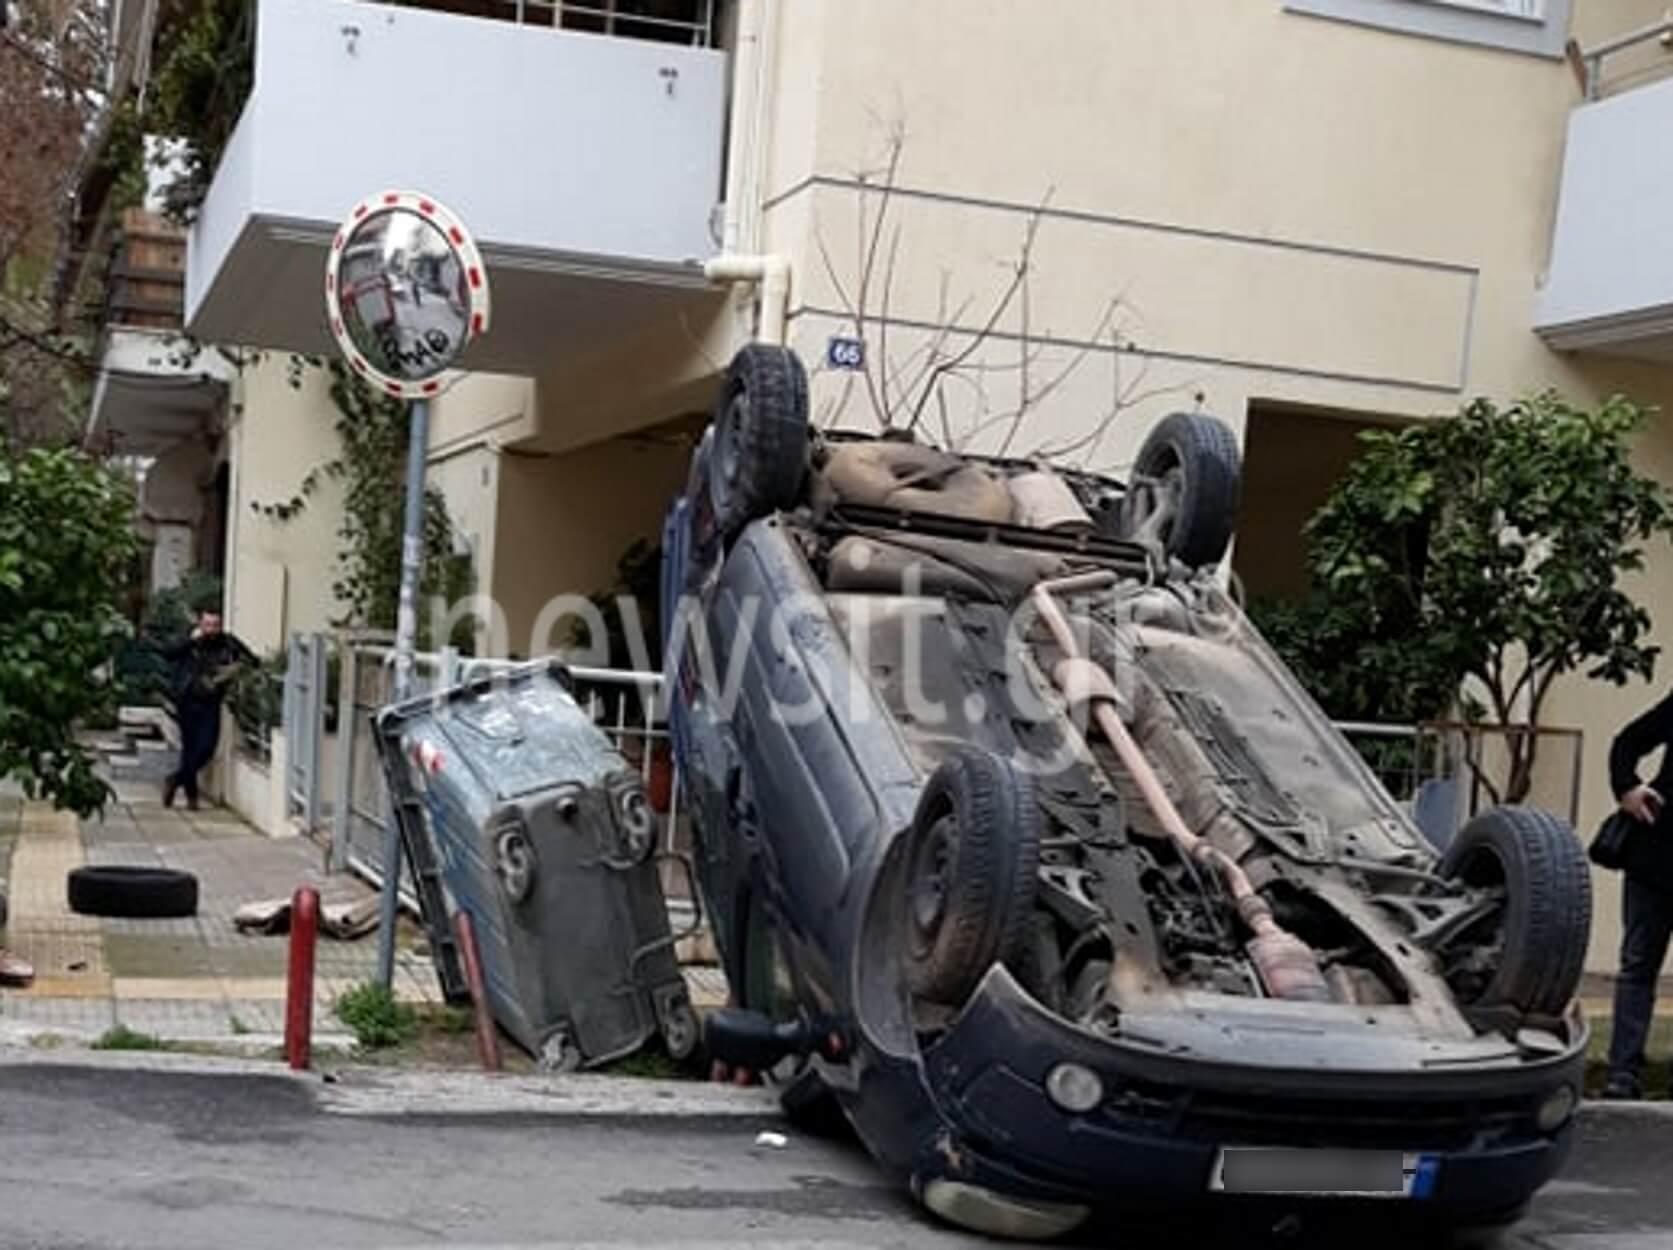 Εντυπωσιακές φωτογραφίες από τουμπαρισμένο αυτοκίνητο στην Καλογρέζα! [pics]